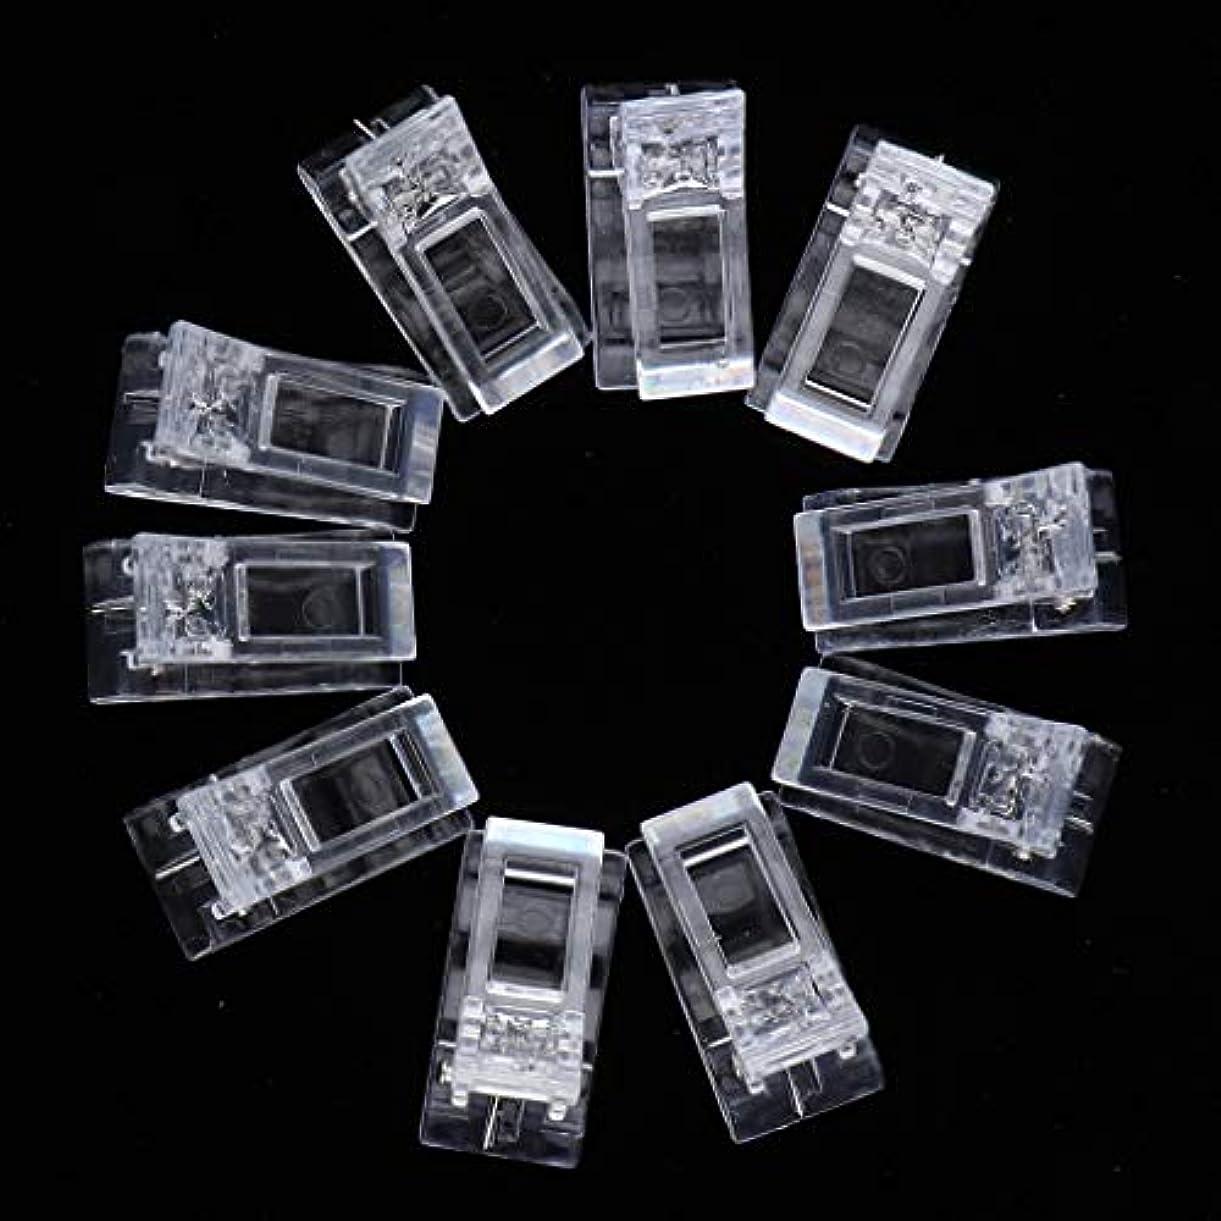 衝突脱臼するディレクタークリア ネイルクリップ ネイル固定クリップ ネイルチップ ネイルアート UVゲルビルダツール 10個